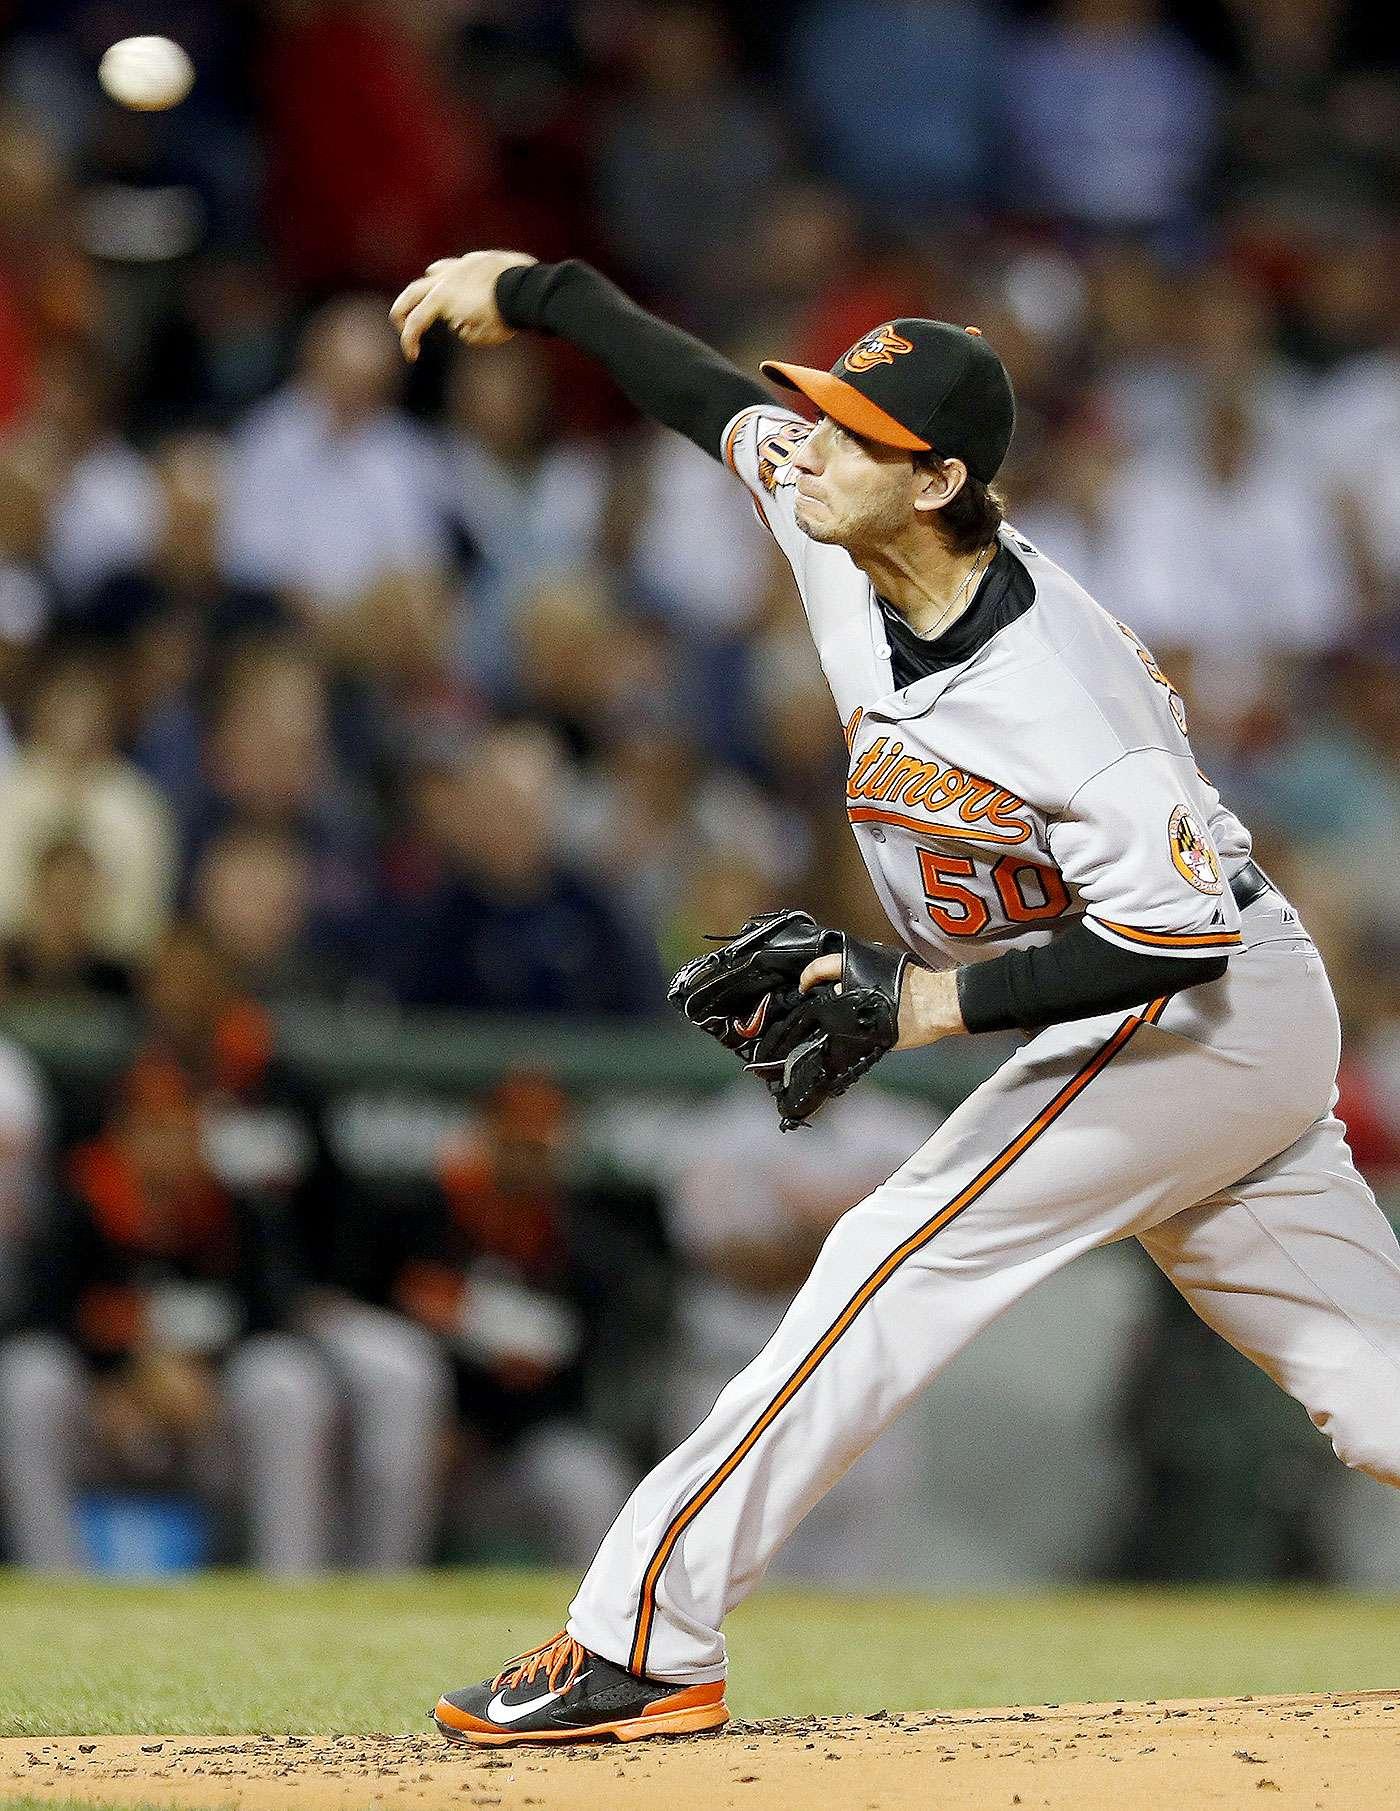 Miguel González de los Orioles de Baltimore lanza en el primer inning ante los Medias Rojas de Boston, el lunes 8 de septiembre de 2014. Foto: Michael Dwyer/AP